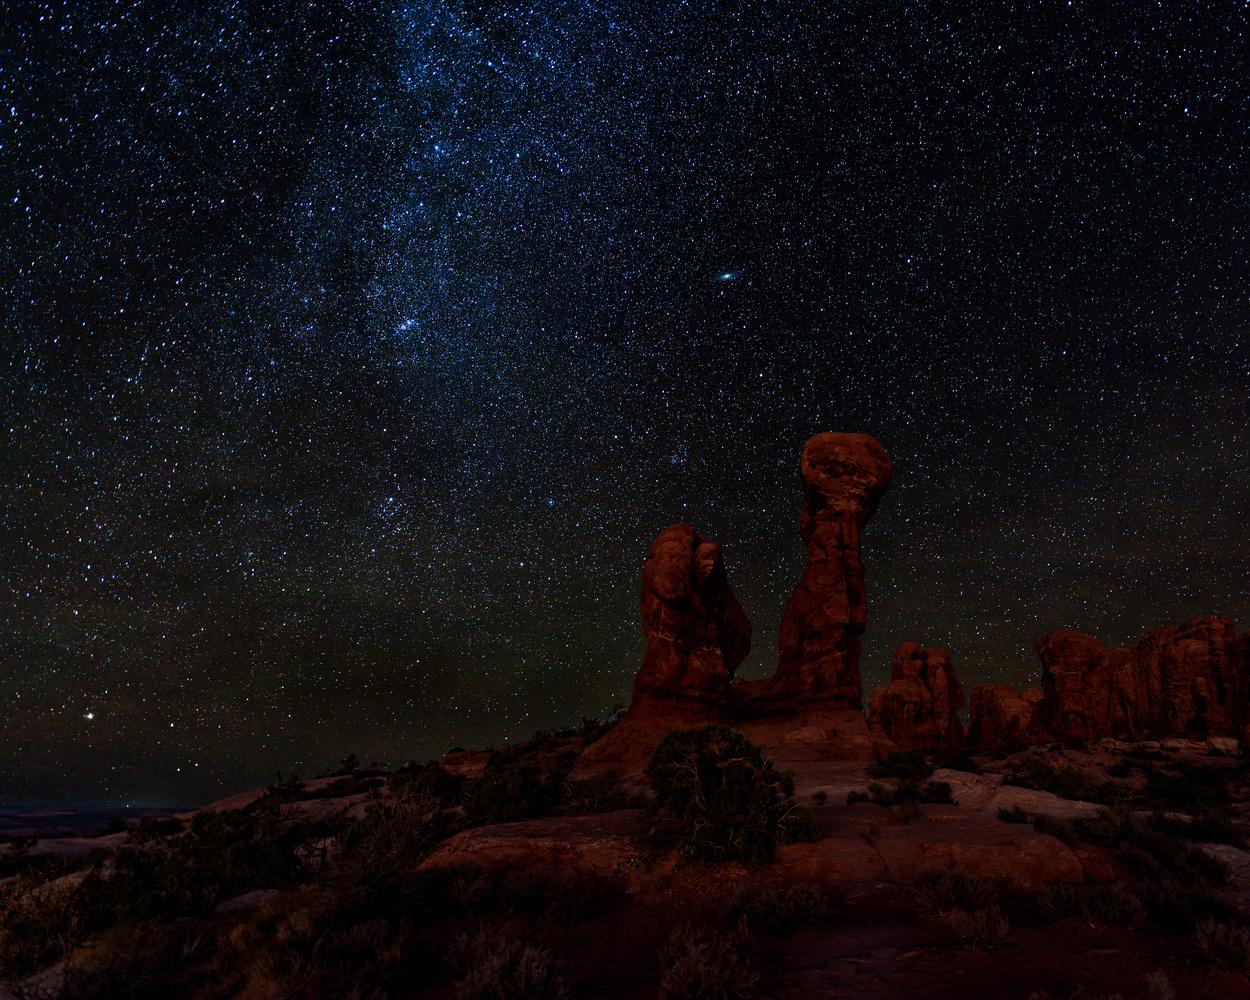 Sky Watchers by Dan McCloud